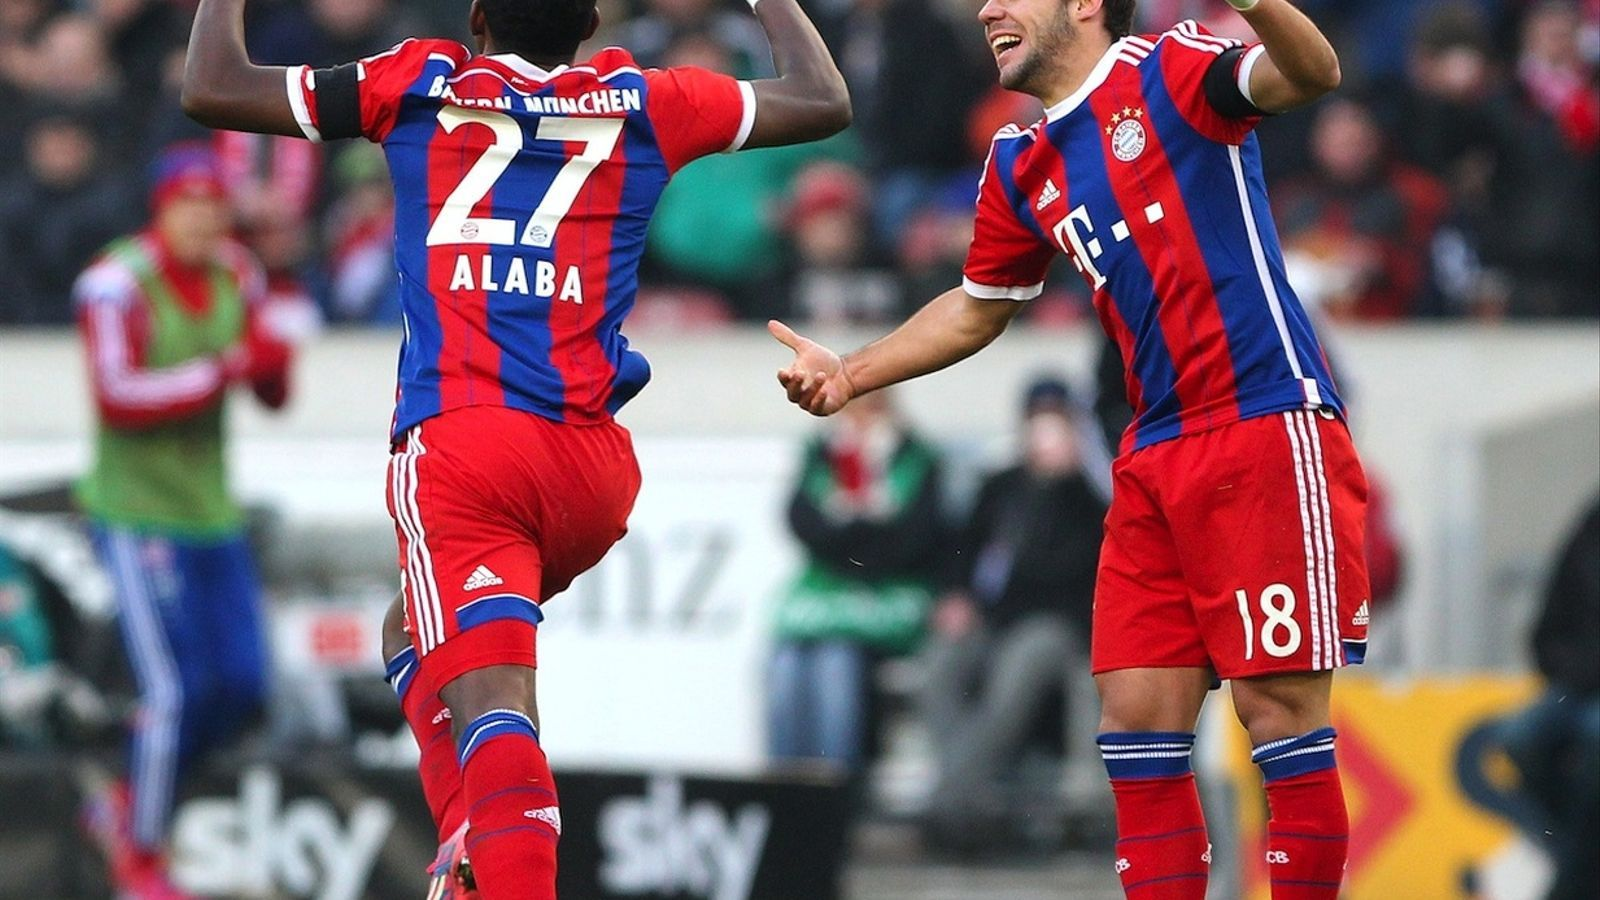 Alaba celebra el segon gol del Bayern contra l'Stuttgart / DANIEL ROLAND / AFP